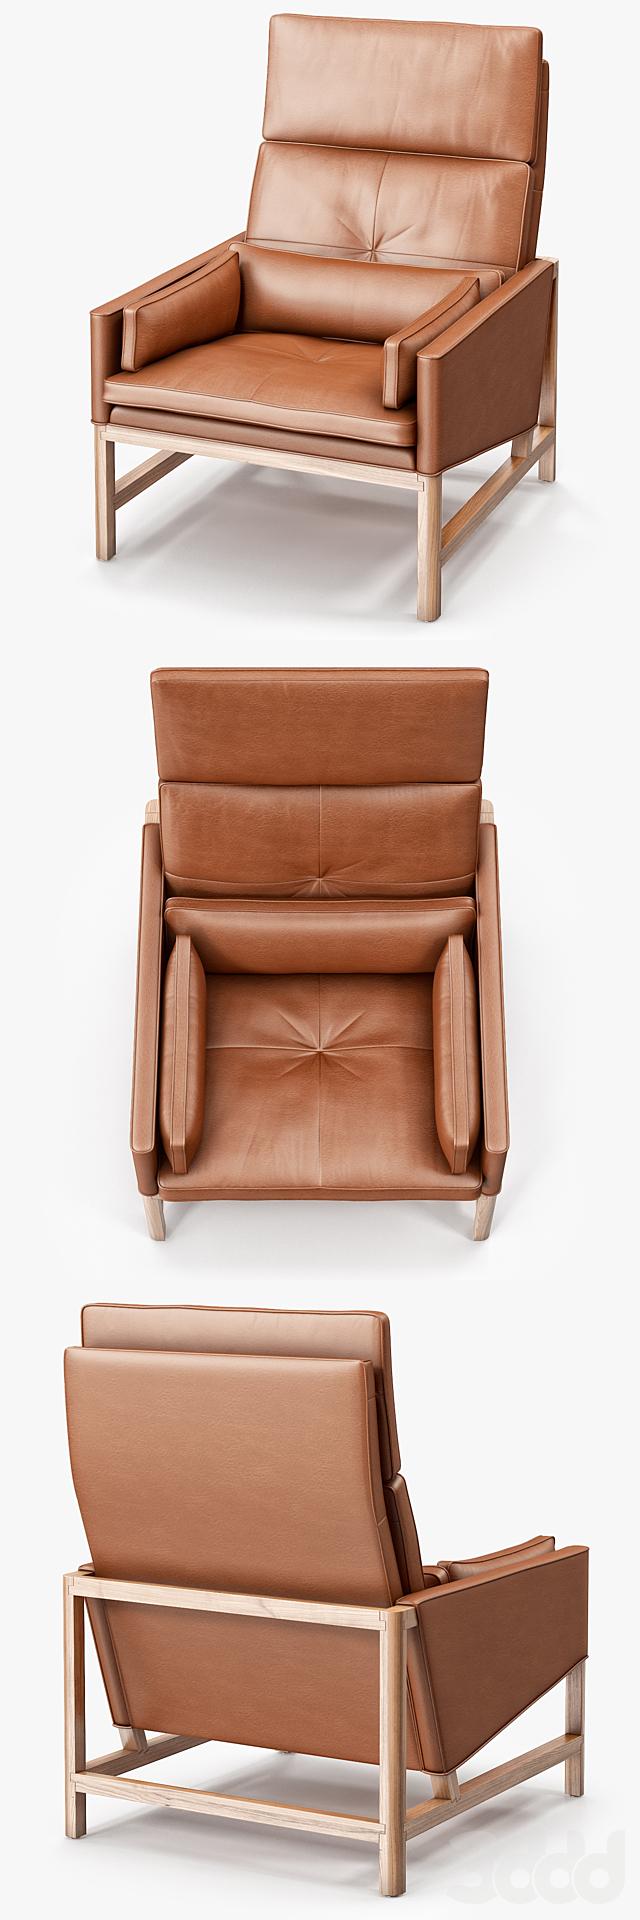 BassamFellows High Back Lounge Chair